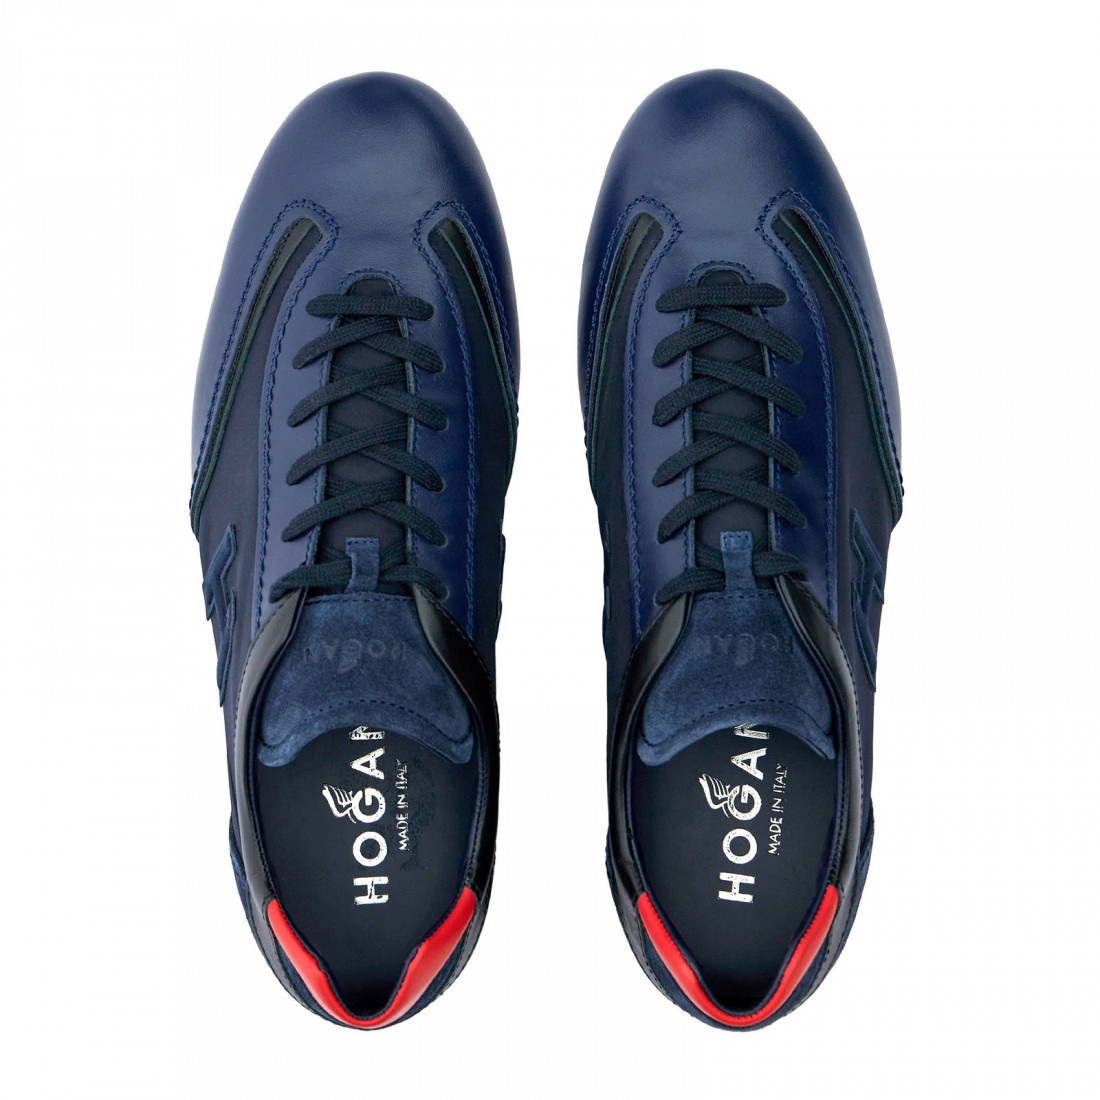 Sneaker da uomo Hogan Olympia blu e rossa in pelle e tessuto